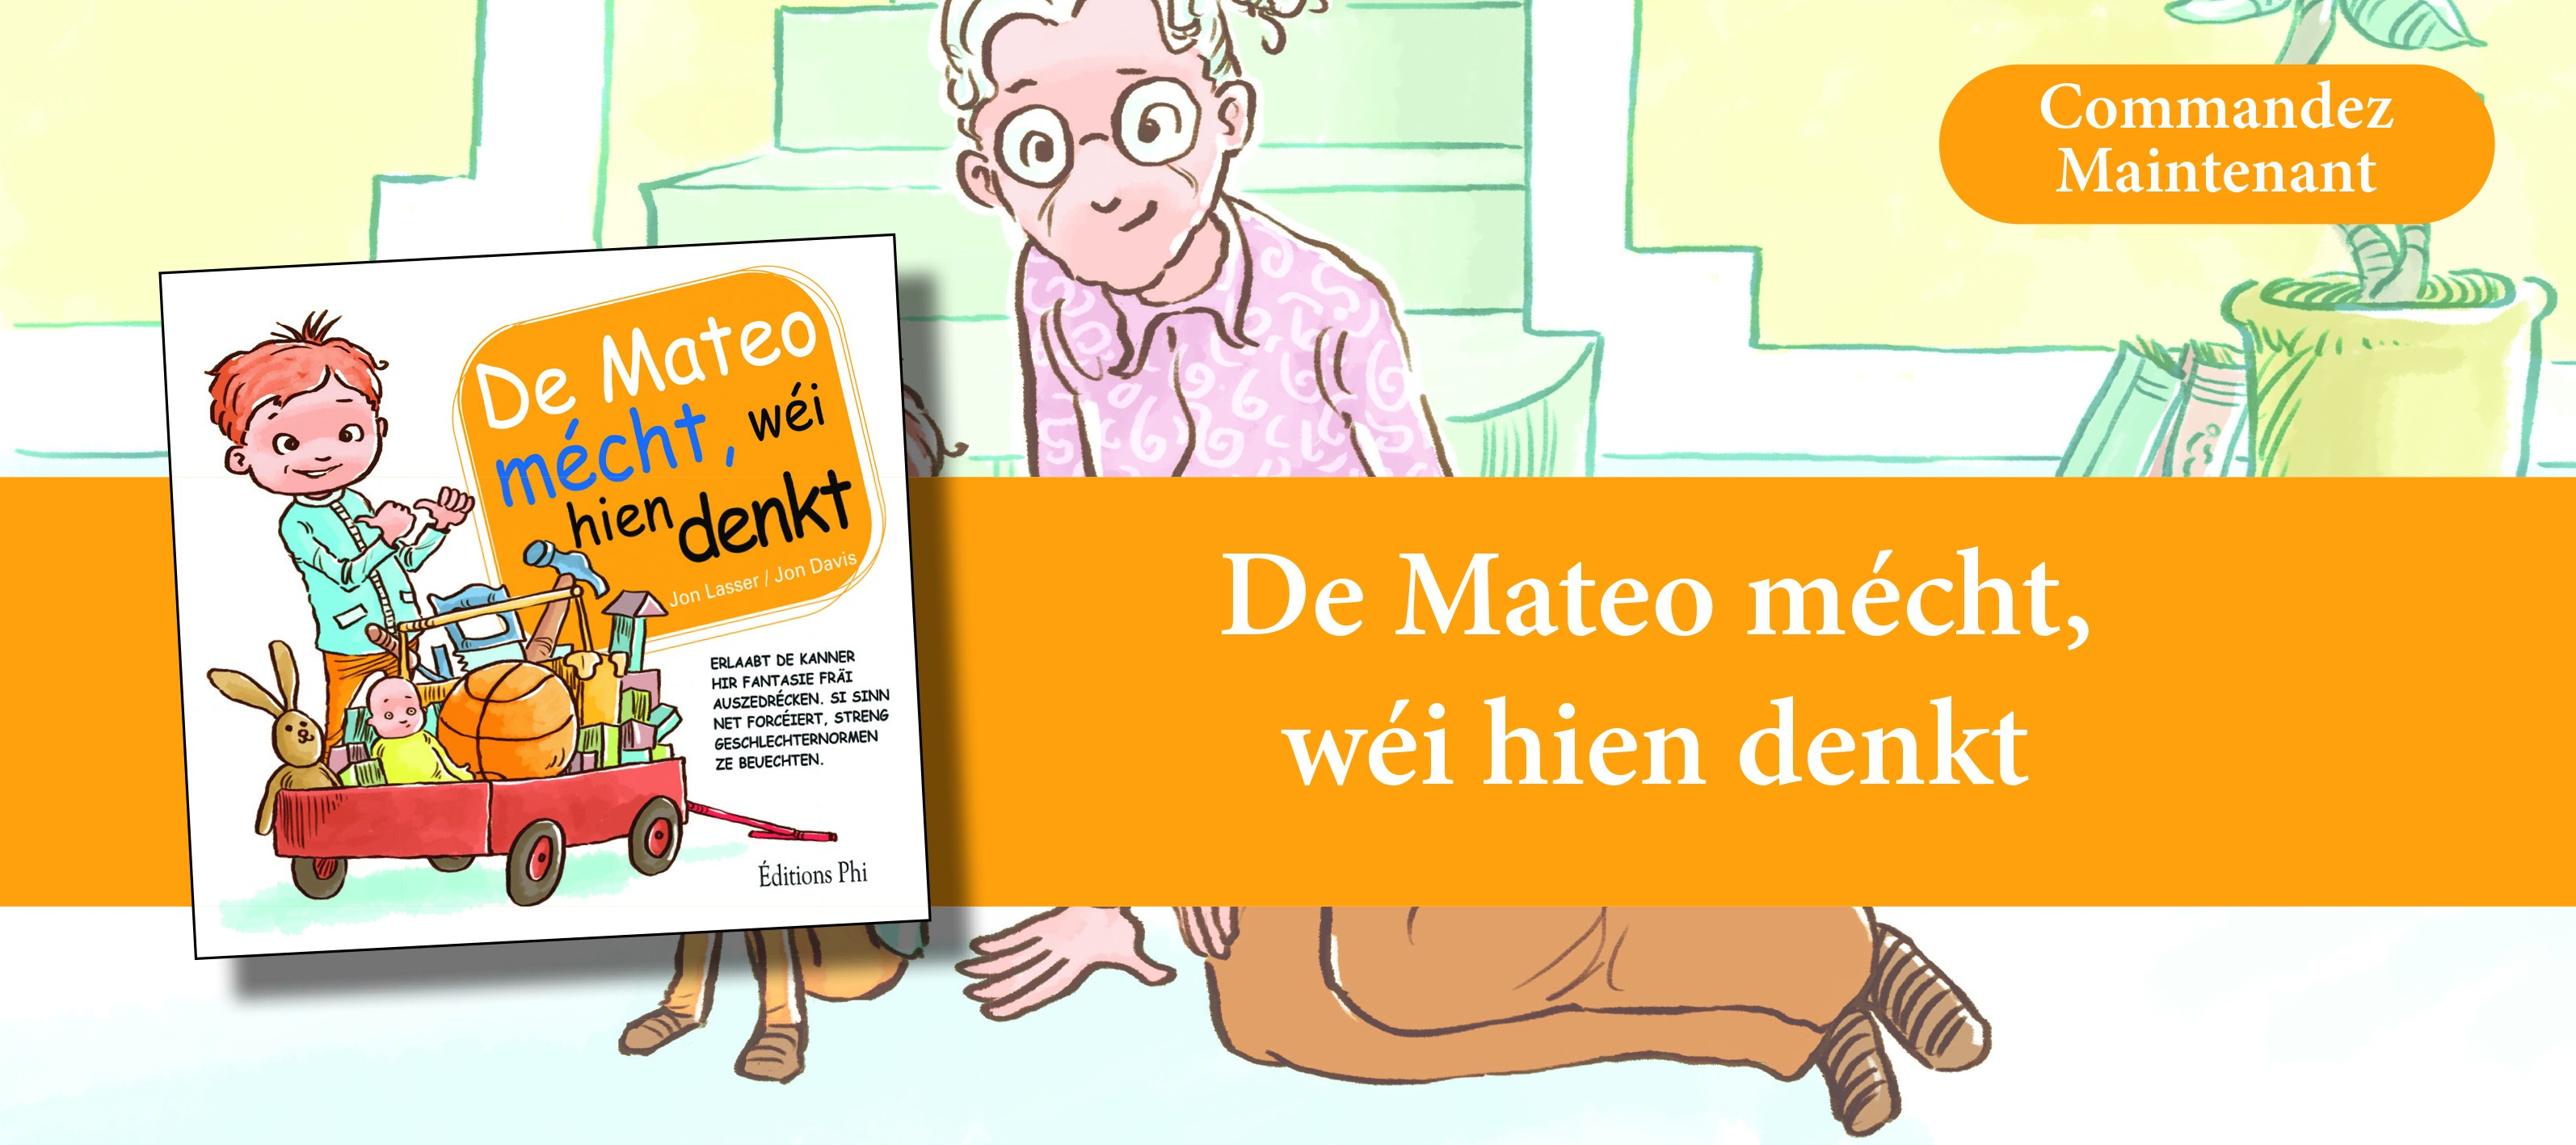 http://www.editionsphi.lu/fr/jeunesse/502-de-mateo-mecht-wei-hien-denkt.html